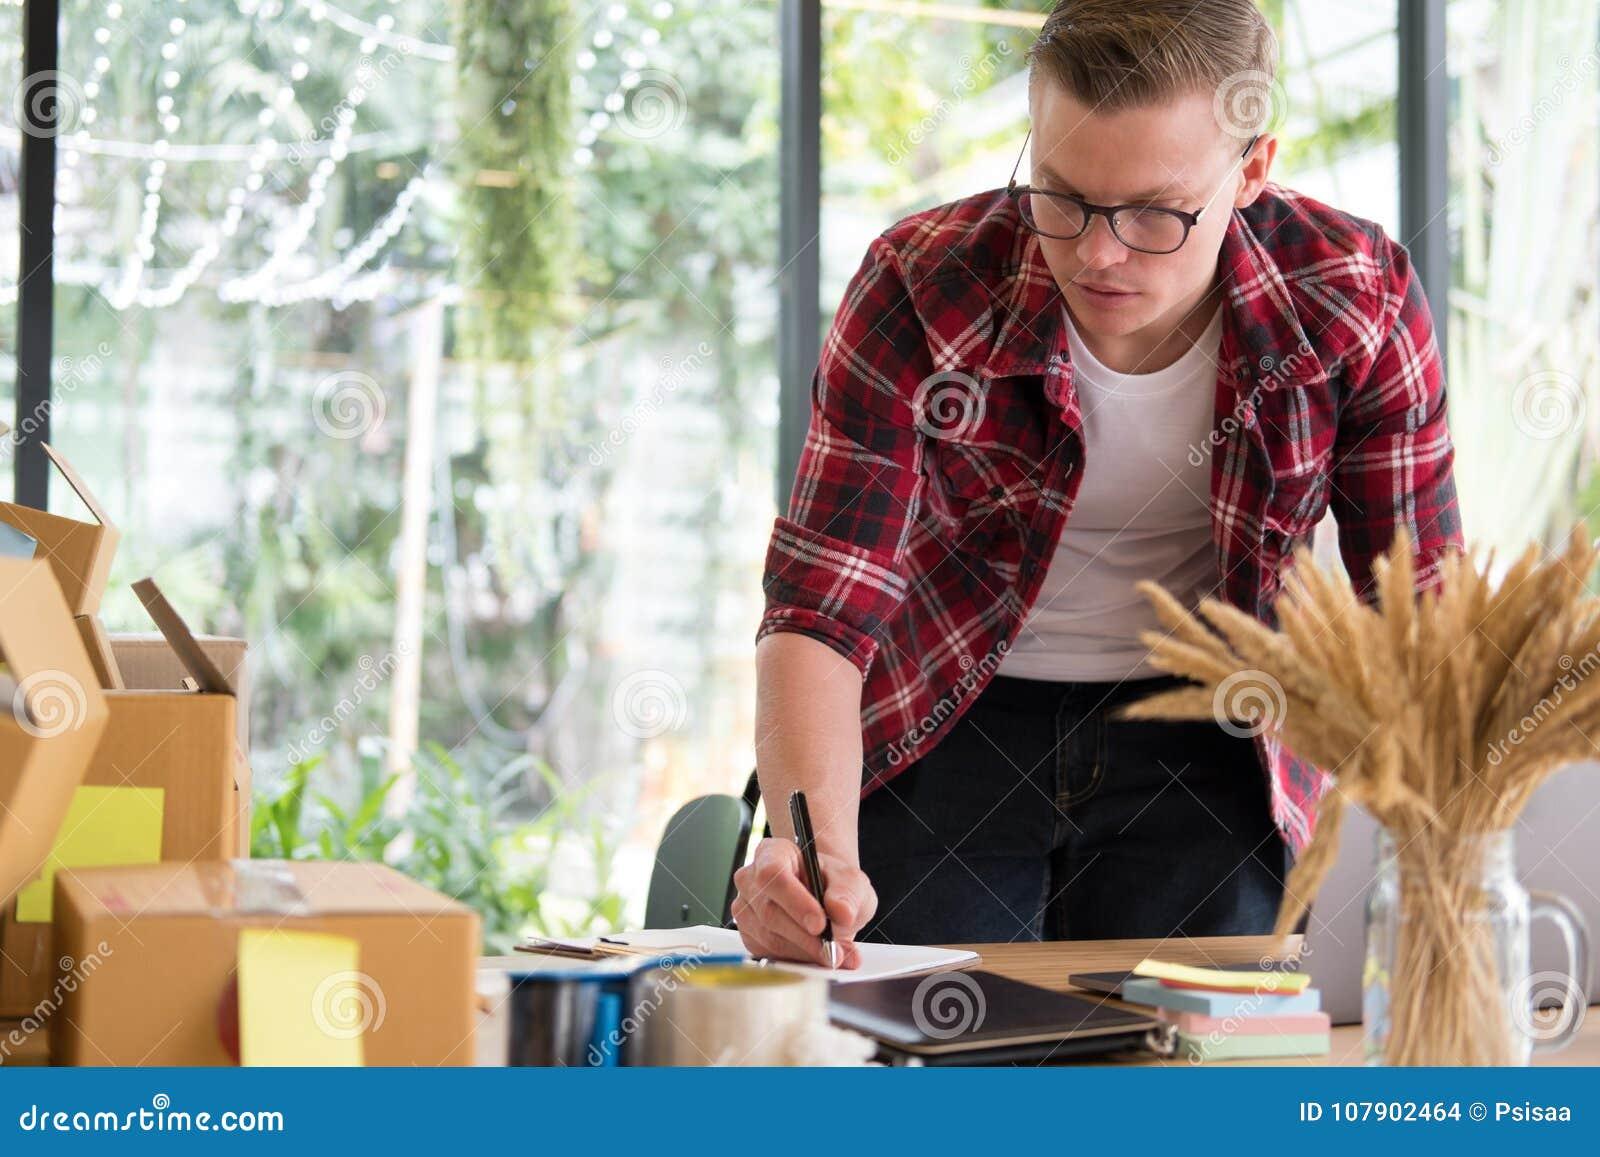 Petit entrepreneur de démarrage travaillant sur le lieu de travail homme indépendant